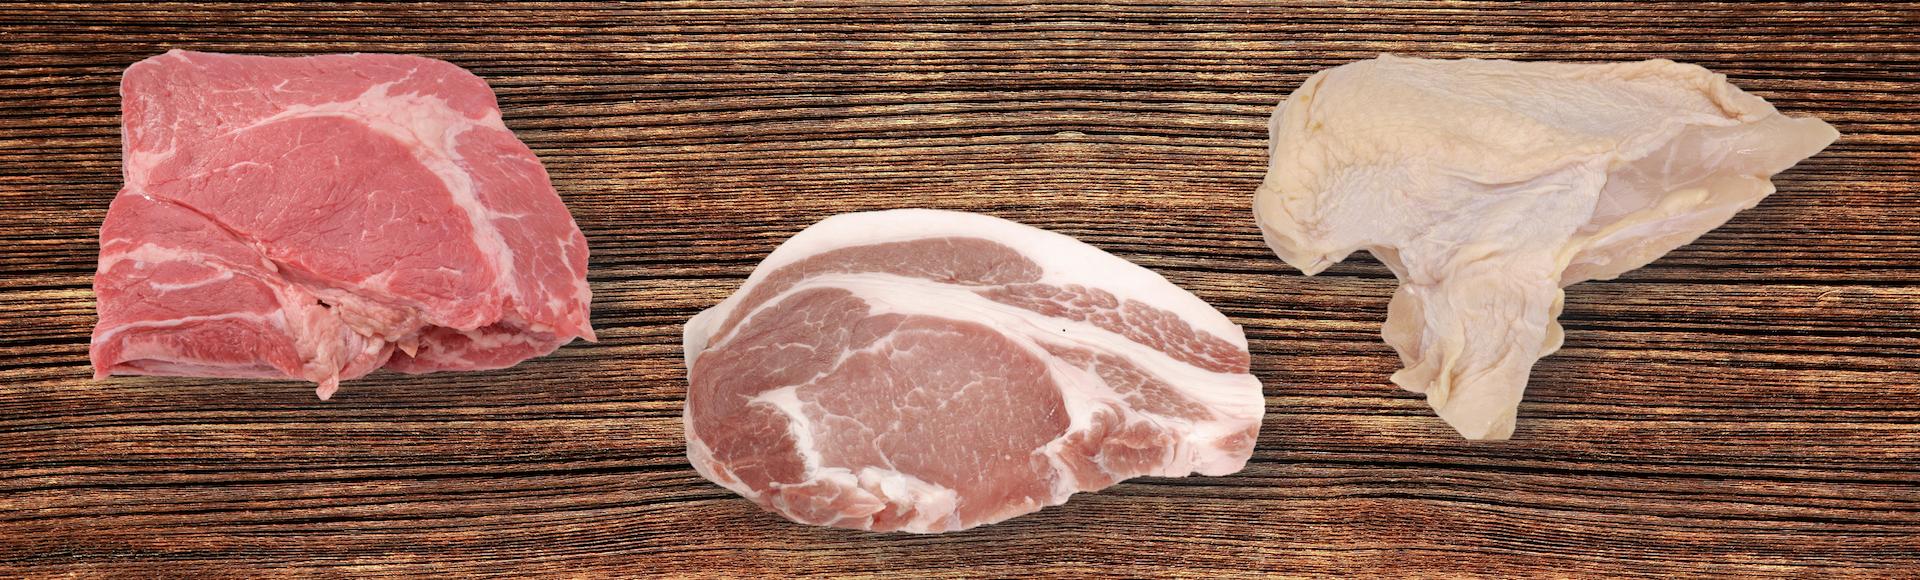 体を温める肉!? 体を冷やす肉!?